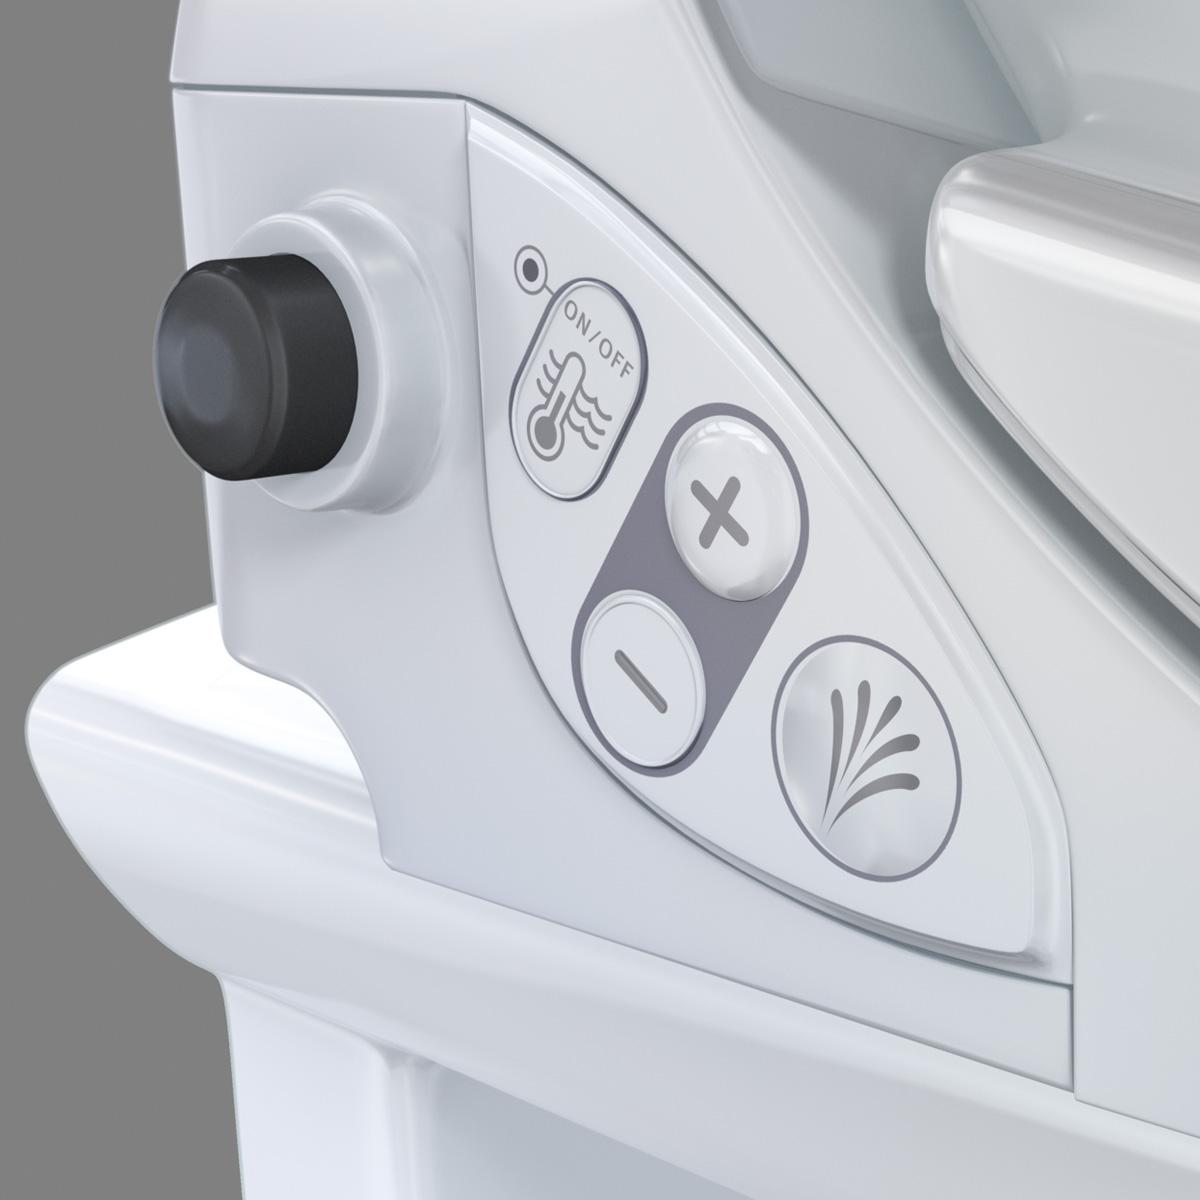 geberit aquaclean 4000 dusch wc sitz 146130111 reuter. Black Bedroom Furniture Sets. Home Design Ideas